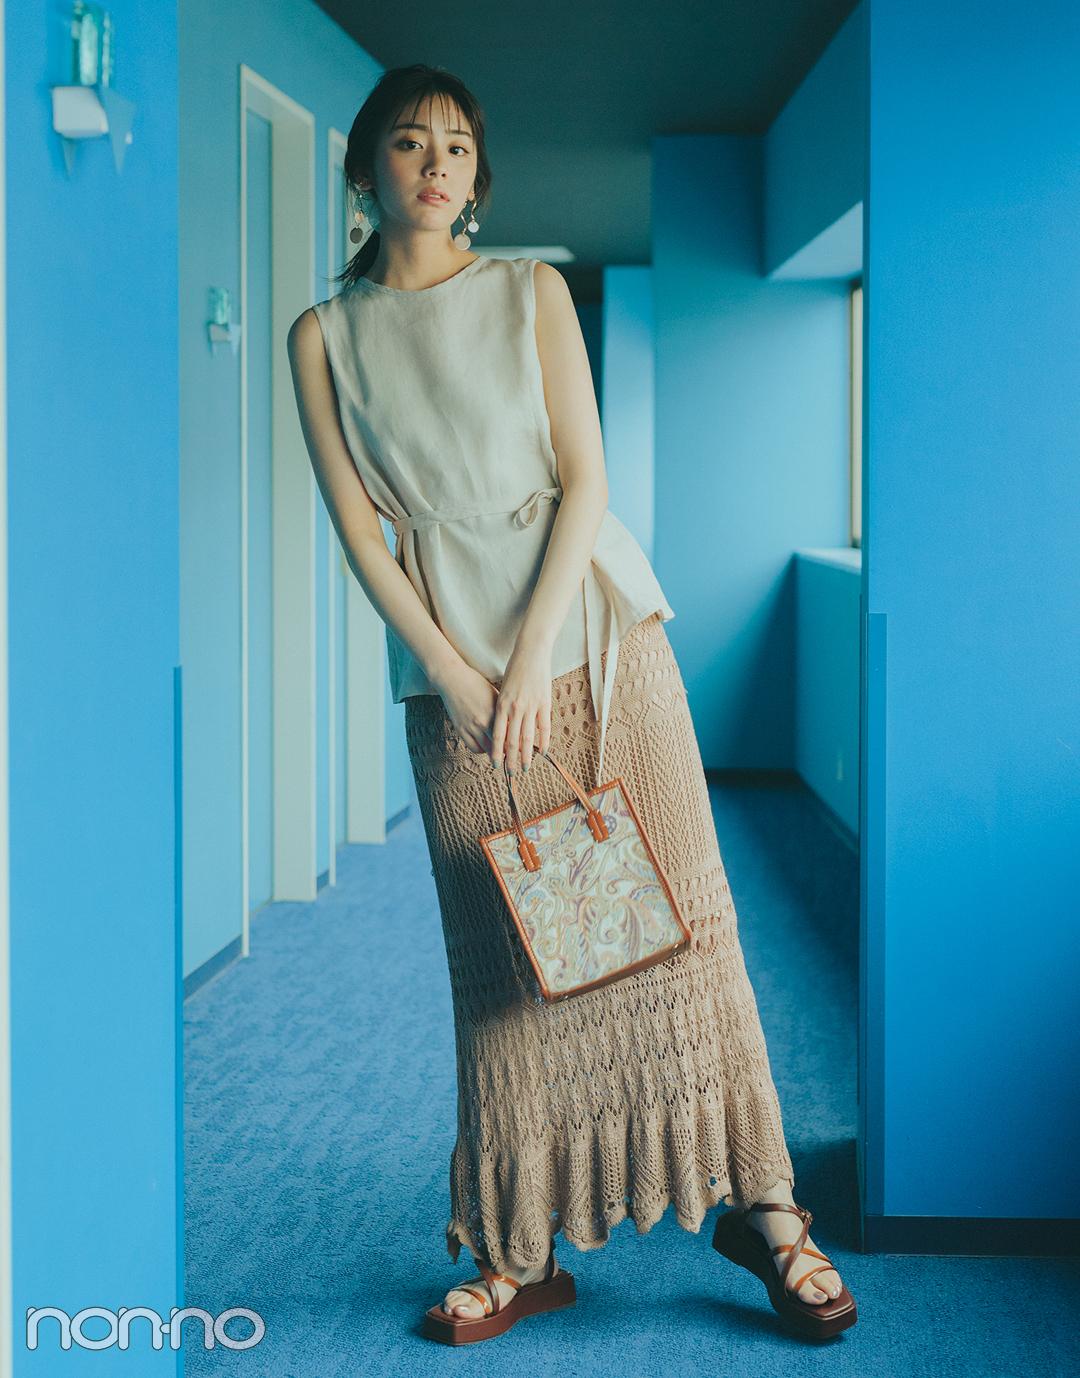 『貴島明日香』の『 クロシェスカート』モデルカット4−1